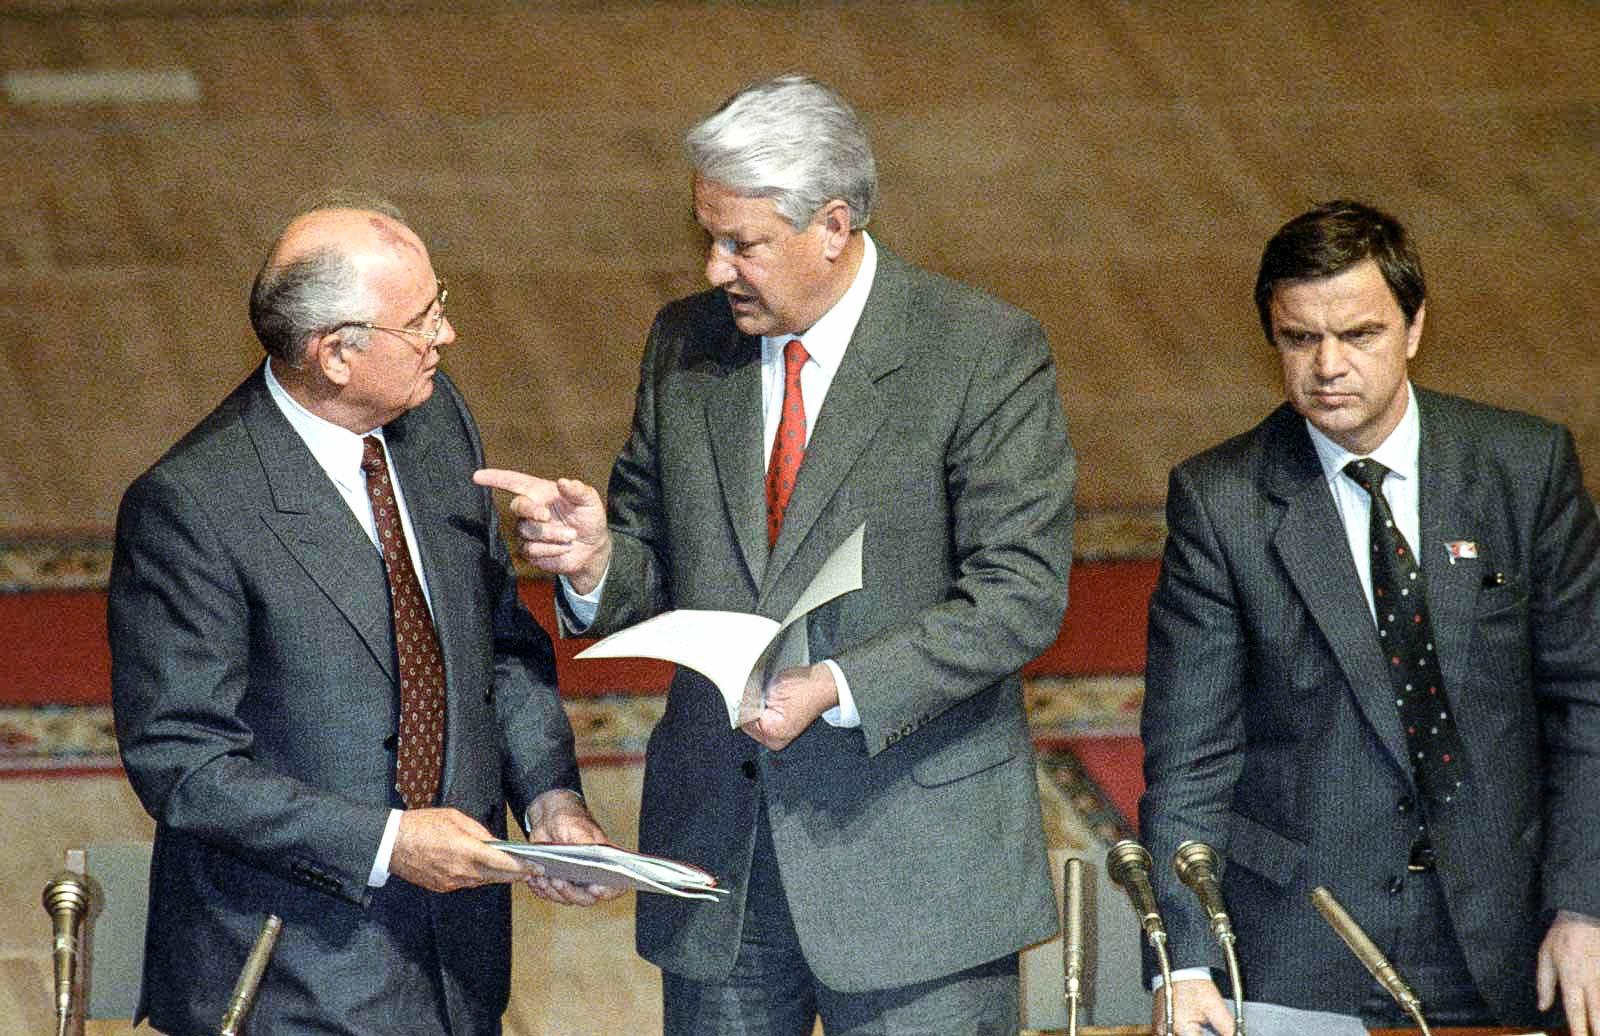 Личные взаимоотношения между президентом СССР М. Горбачёвым и президентом России Б. Ельциным явились одной из причин развала СССР